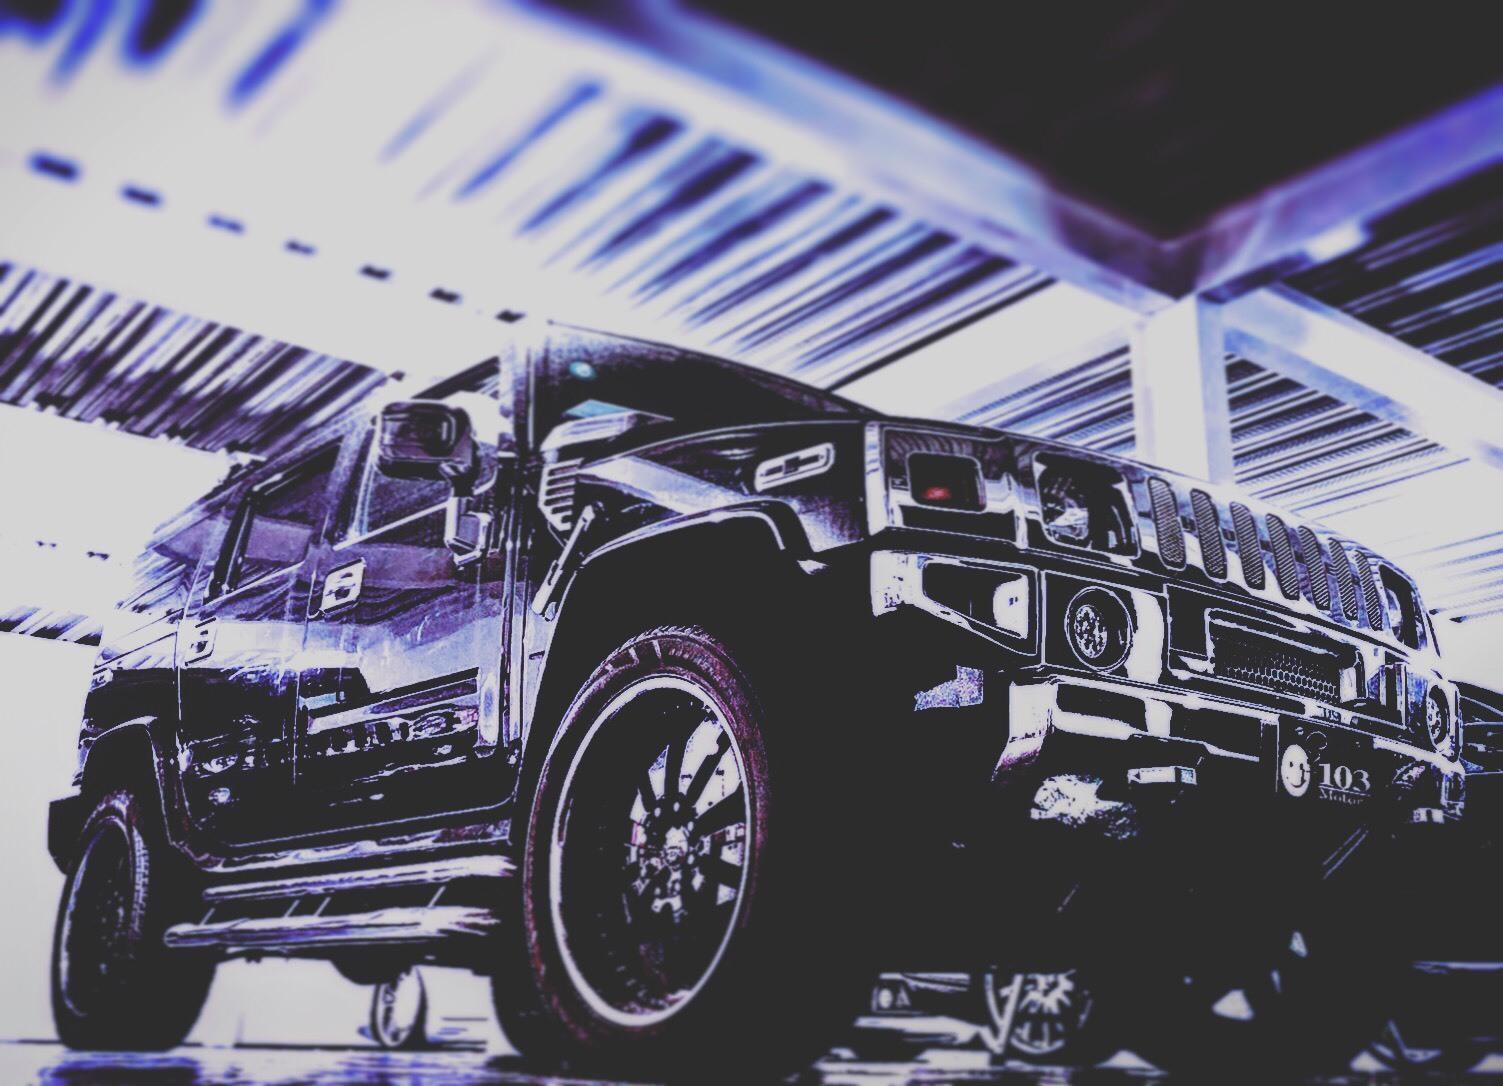 6月8日(金)トミーベース カスタムブログ☆ハマーH2 エスカレード続々入庫☆N様ラングらーご成約☆_b0127002_10452685.jpg